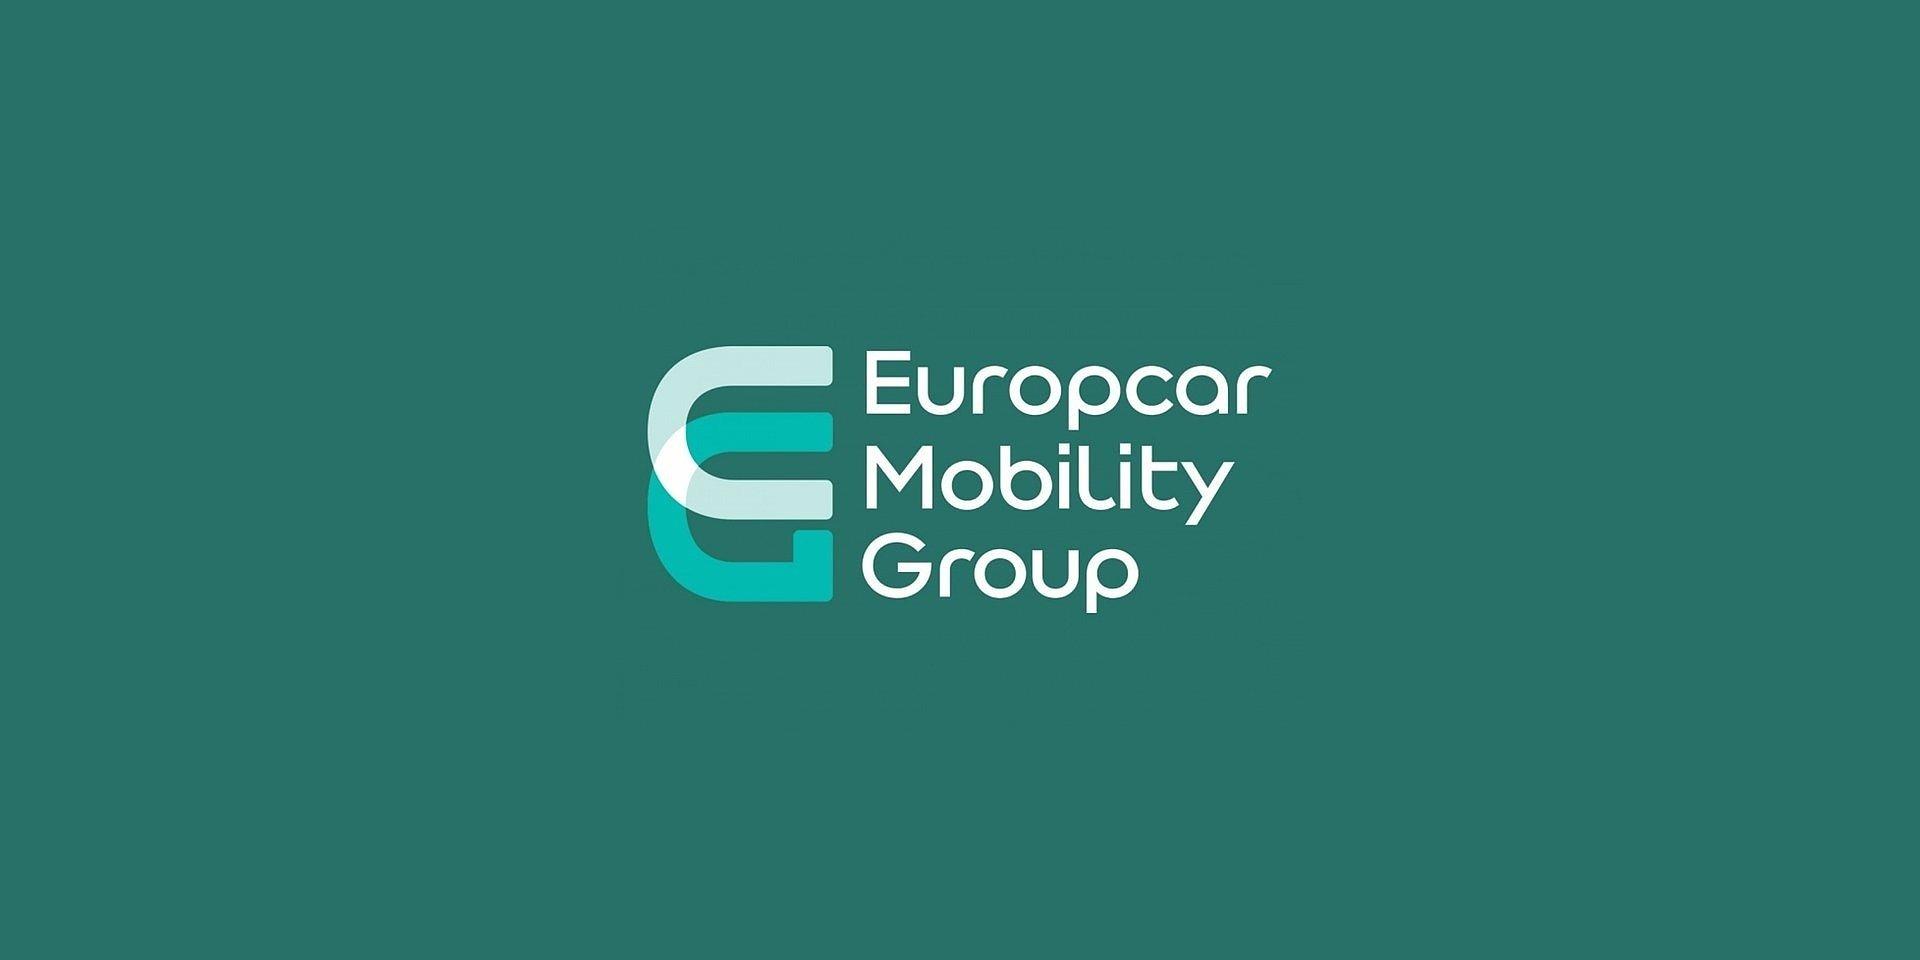 Europcar Mobility Group quer que os veículos verdes representem 10% da sua frota global até ao fim de 2021